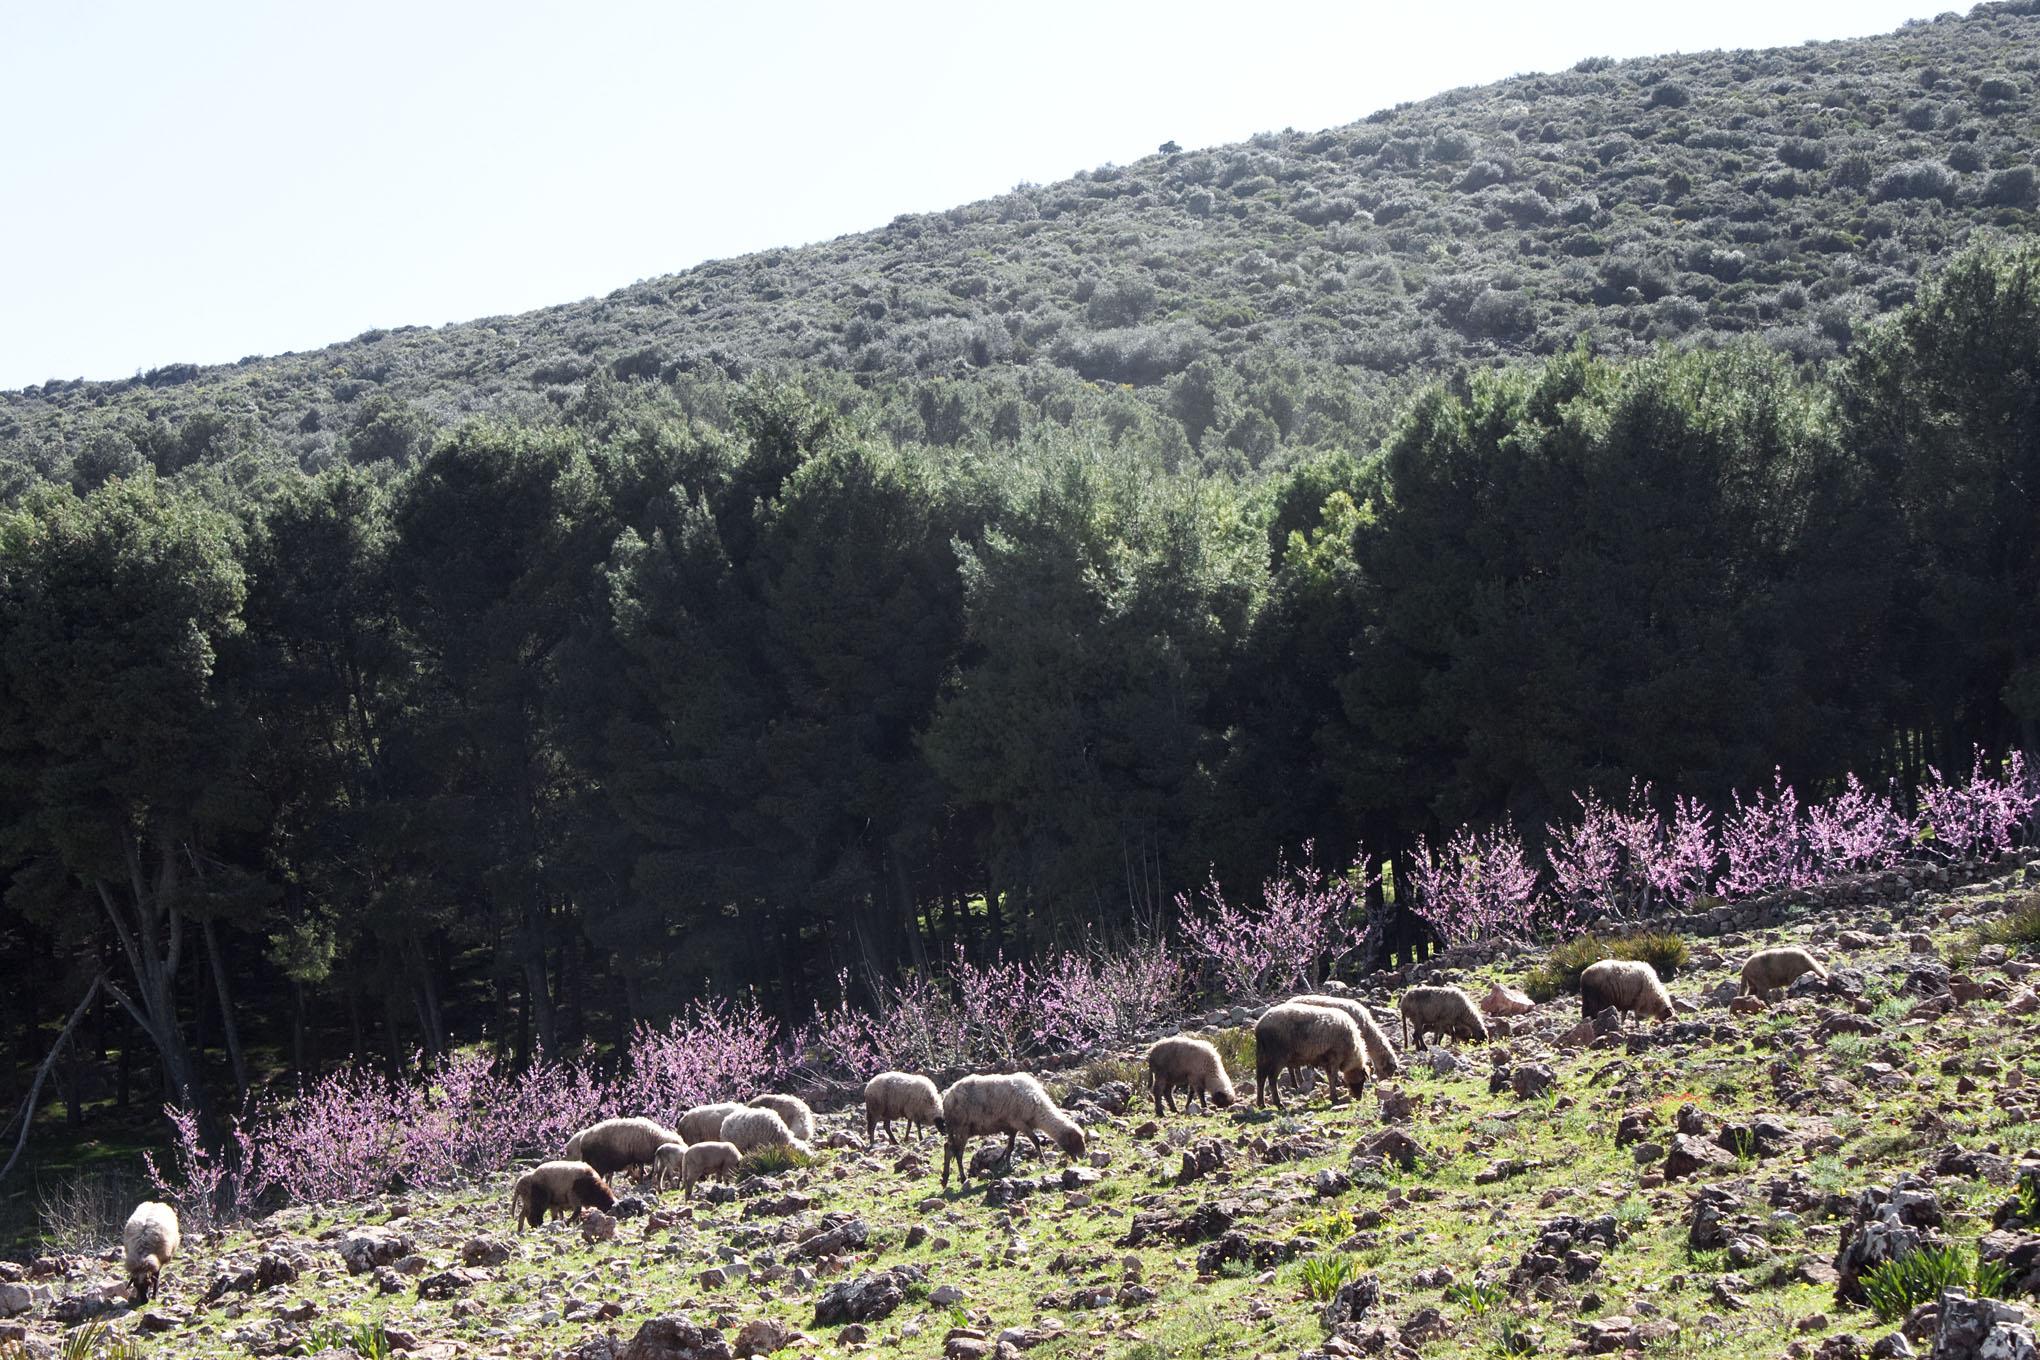 Farm Animal Portraits: Sheep - 2